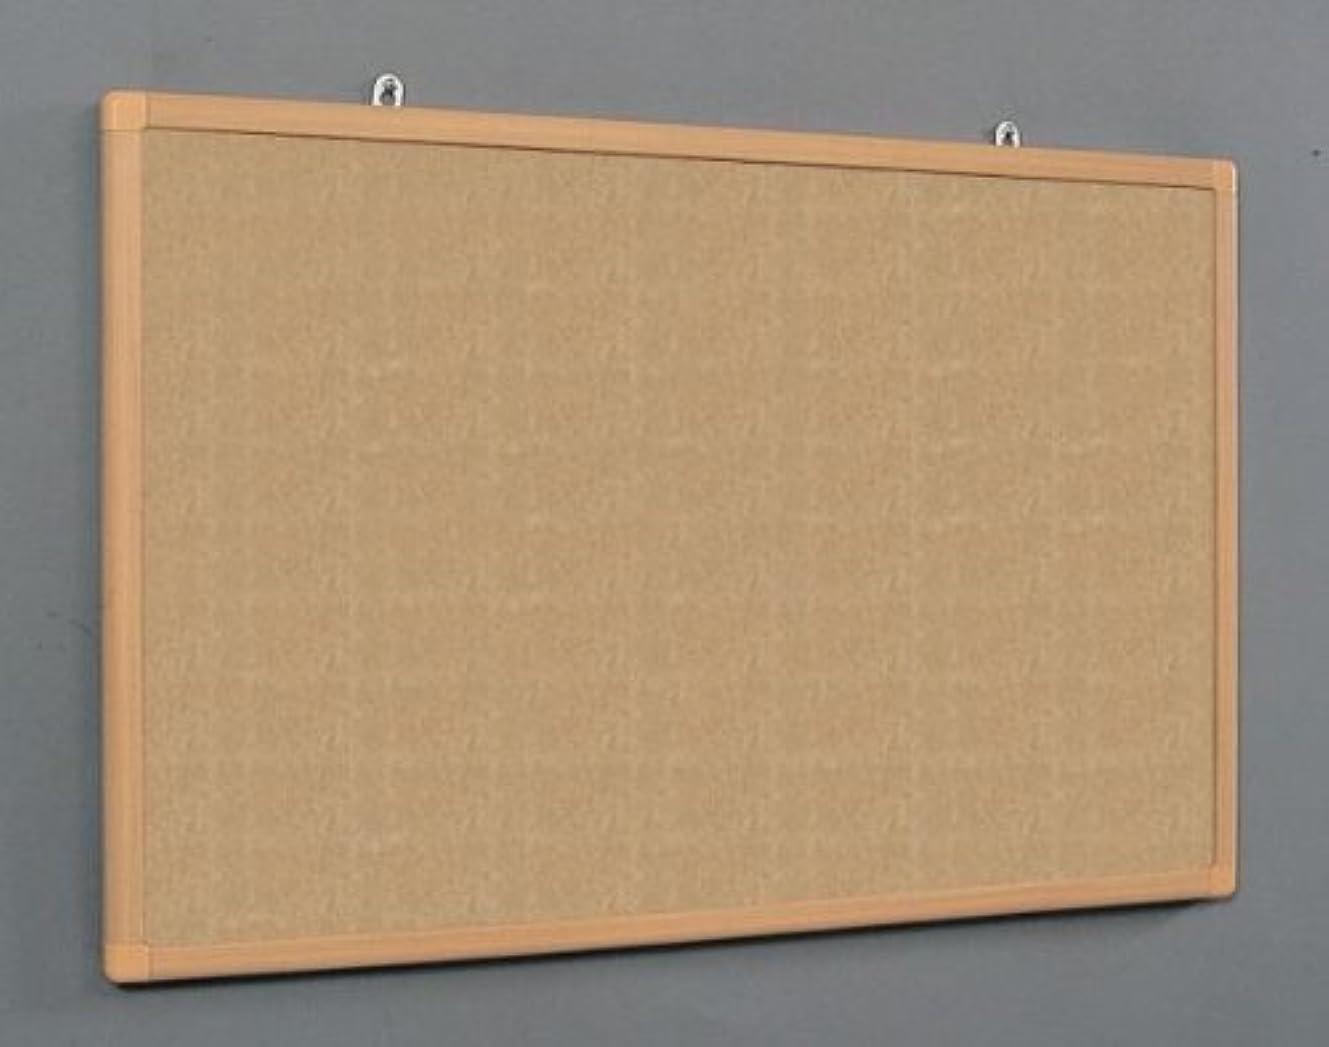 スナップクランシー演劇WHNK-1209 ニューコルク掲示板(1200×900)【同梱?代引不可】